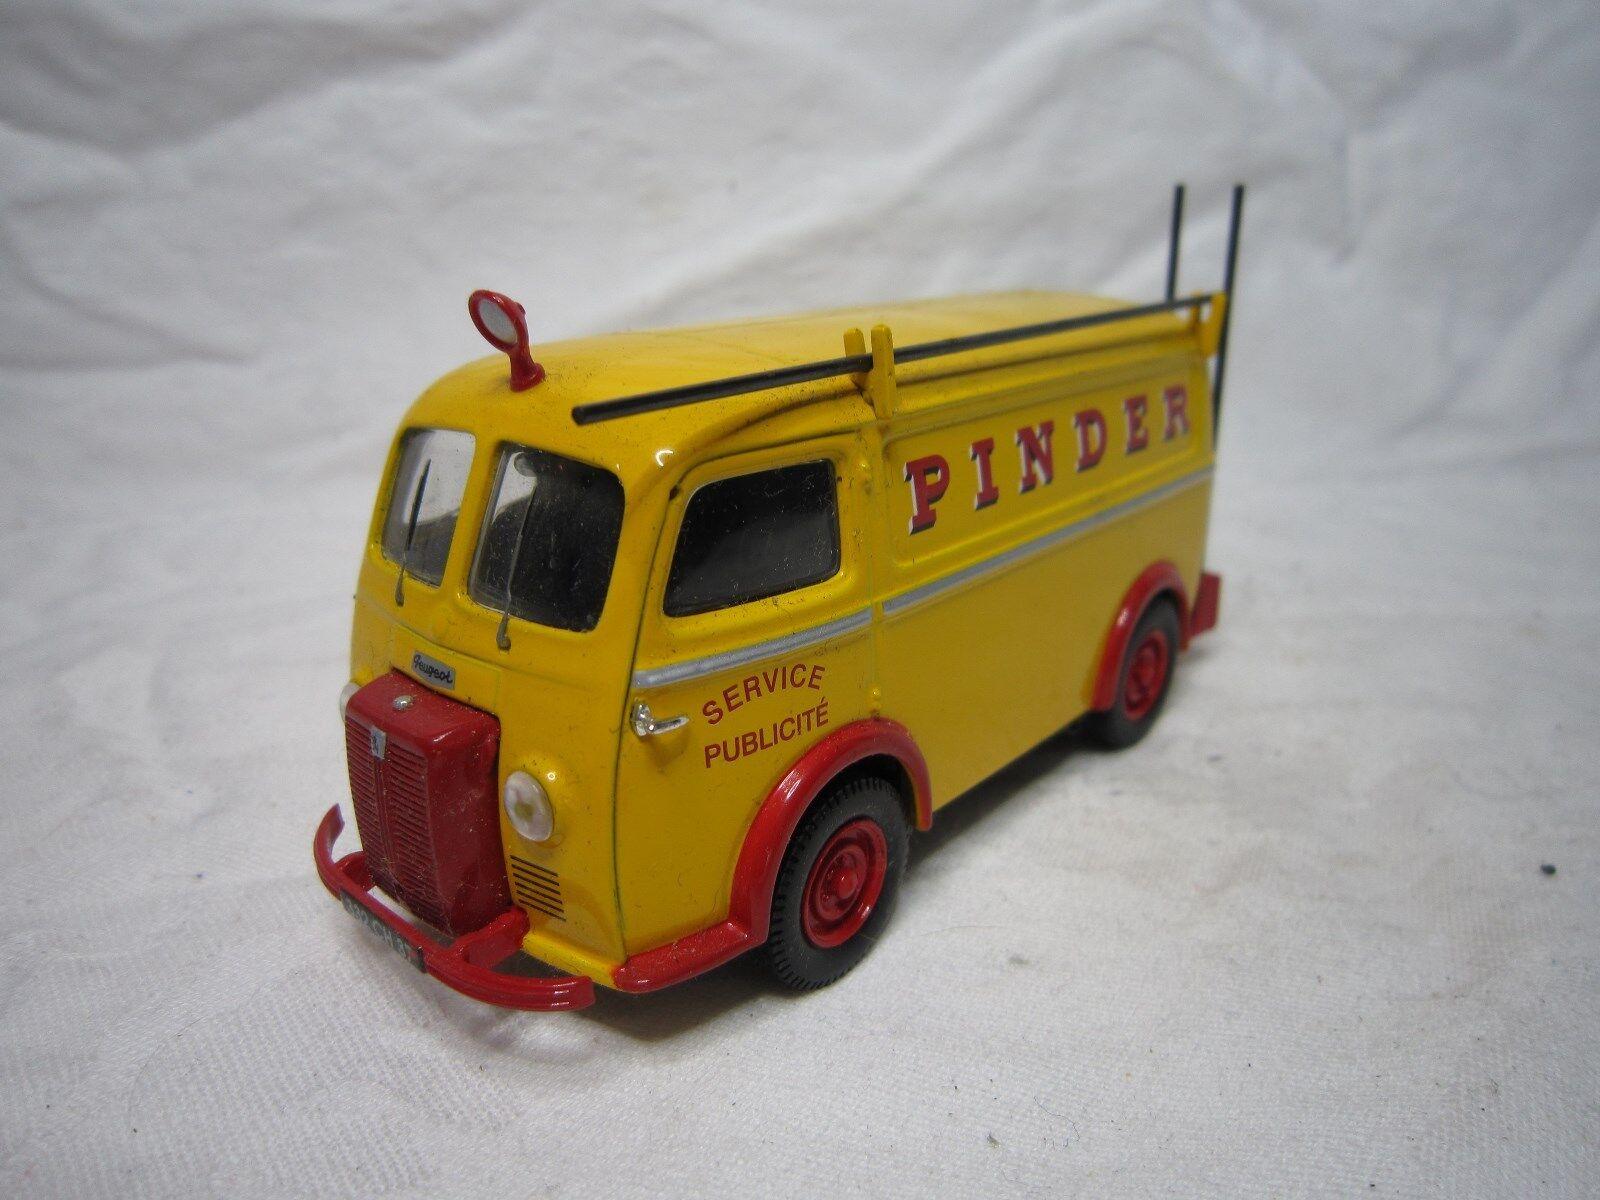 Ae159 corgi 1 43 peugeot d3a pinder press miniature adgreenising bon etat